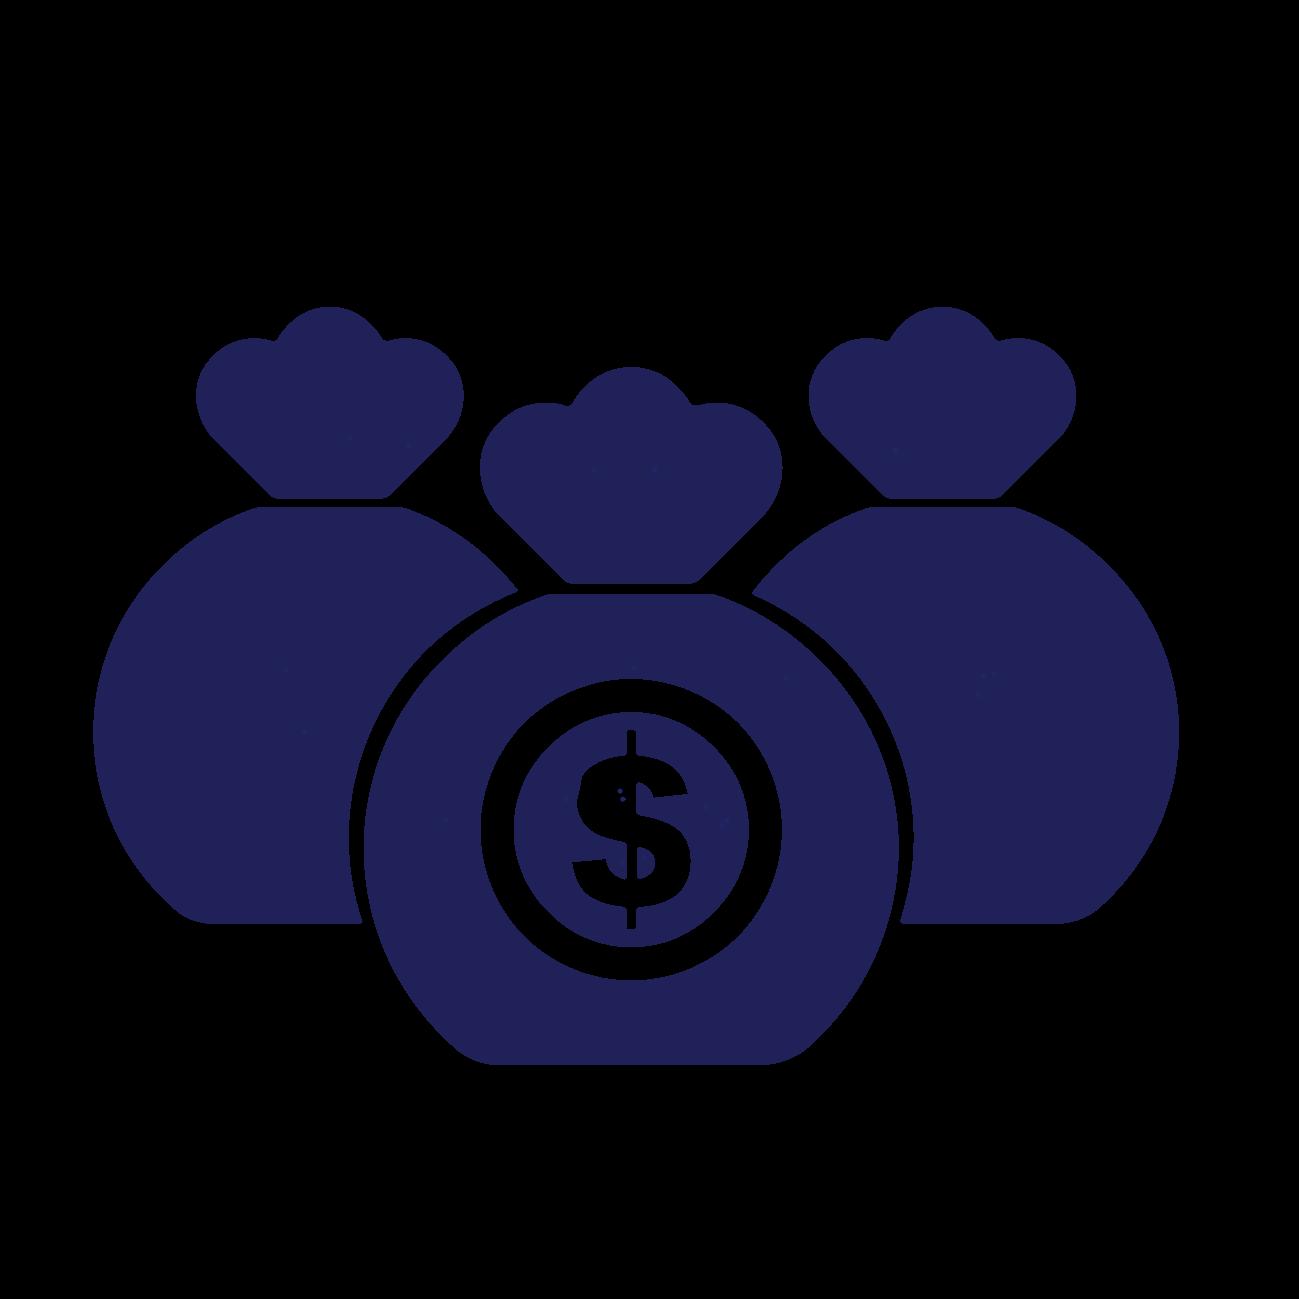 従量課金モデル イメージアイコン